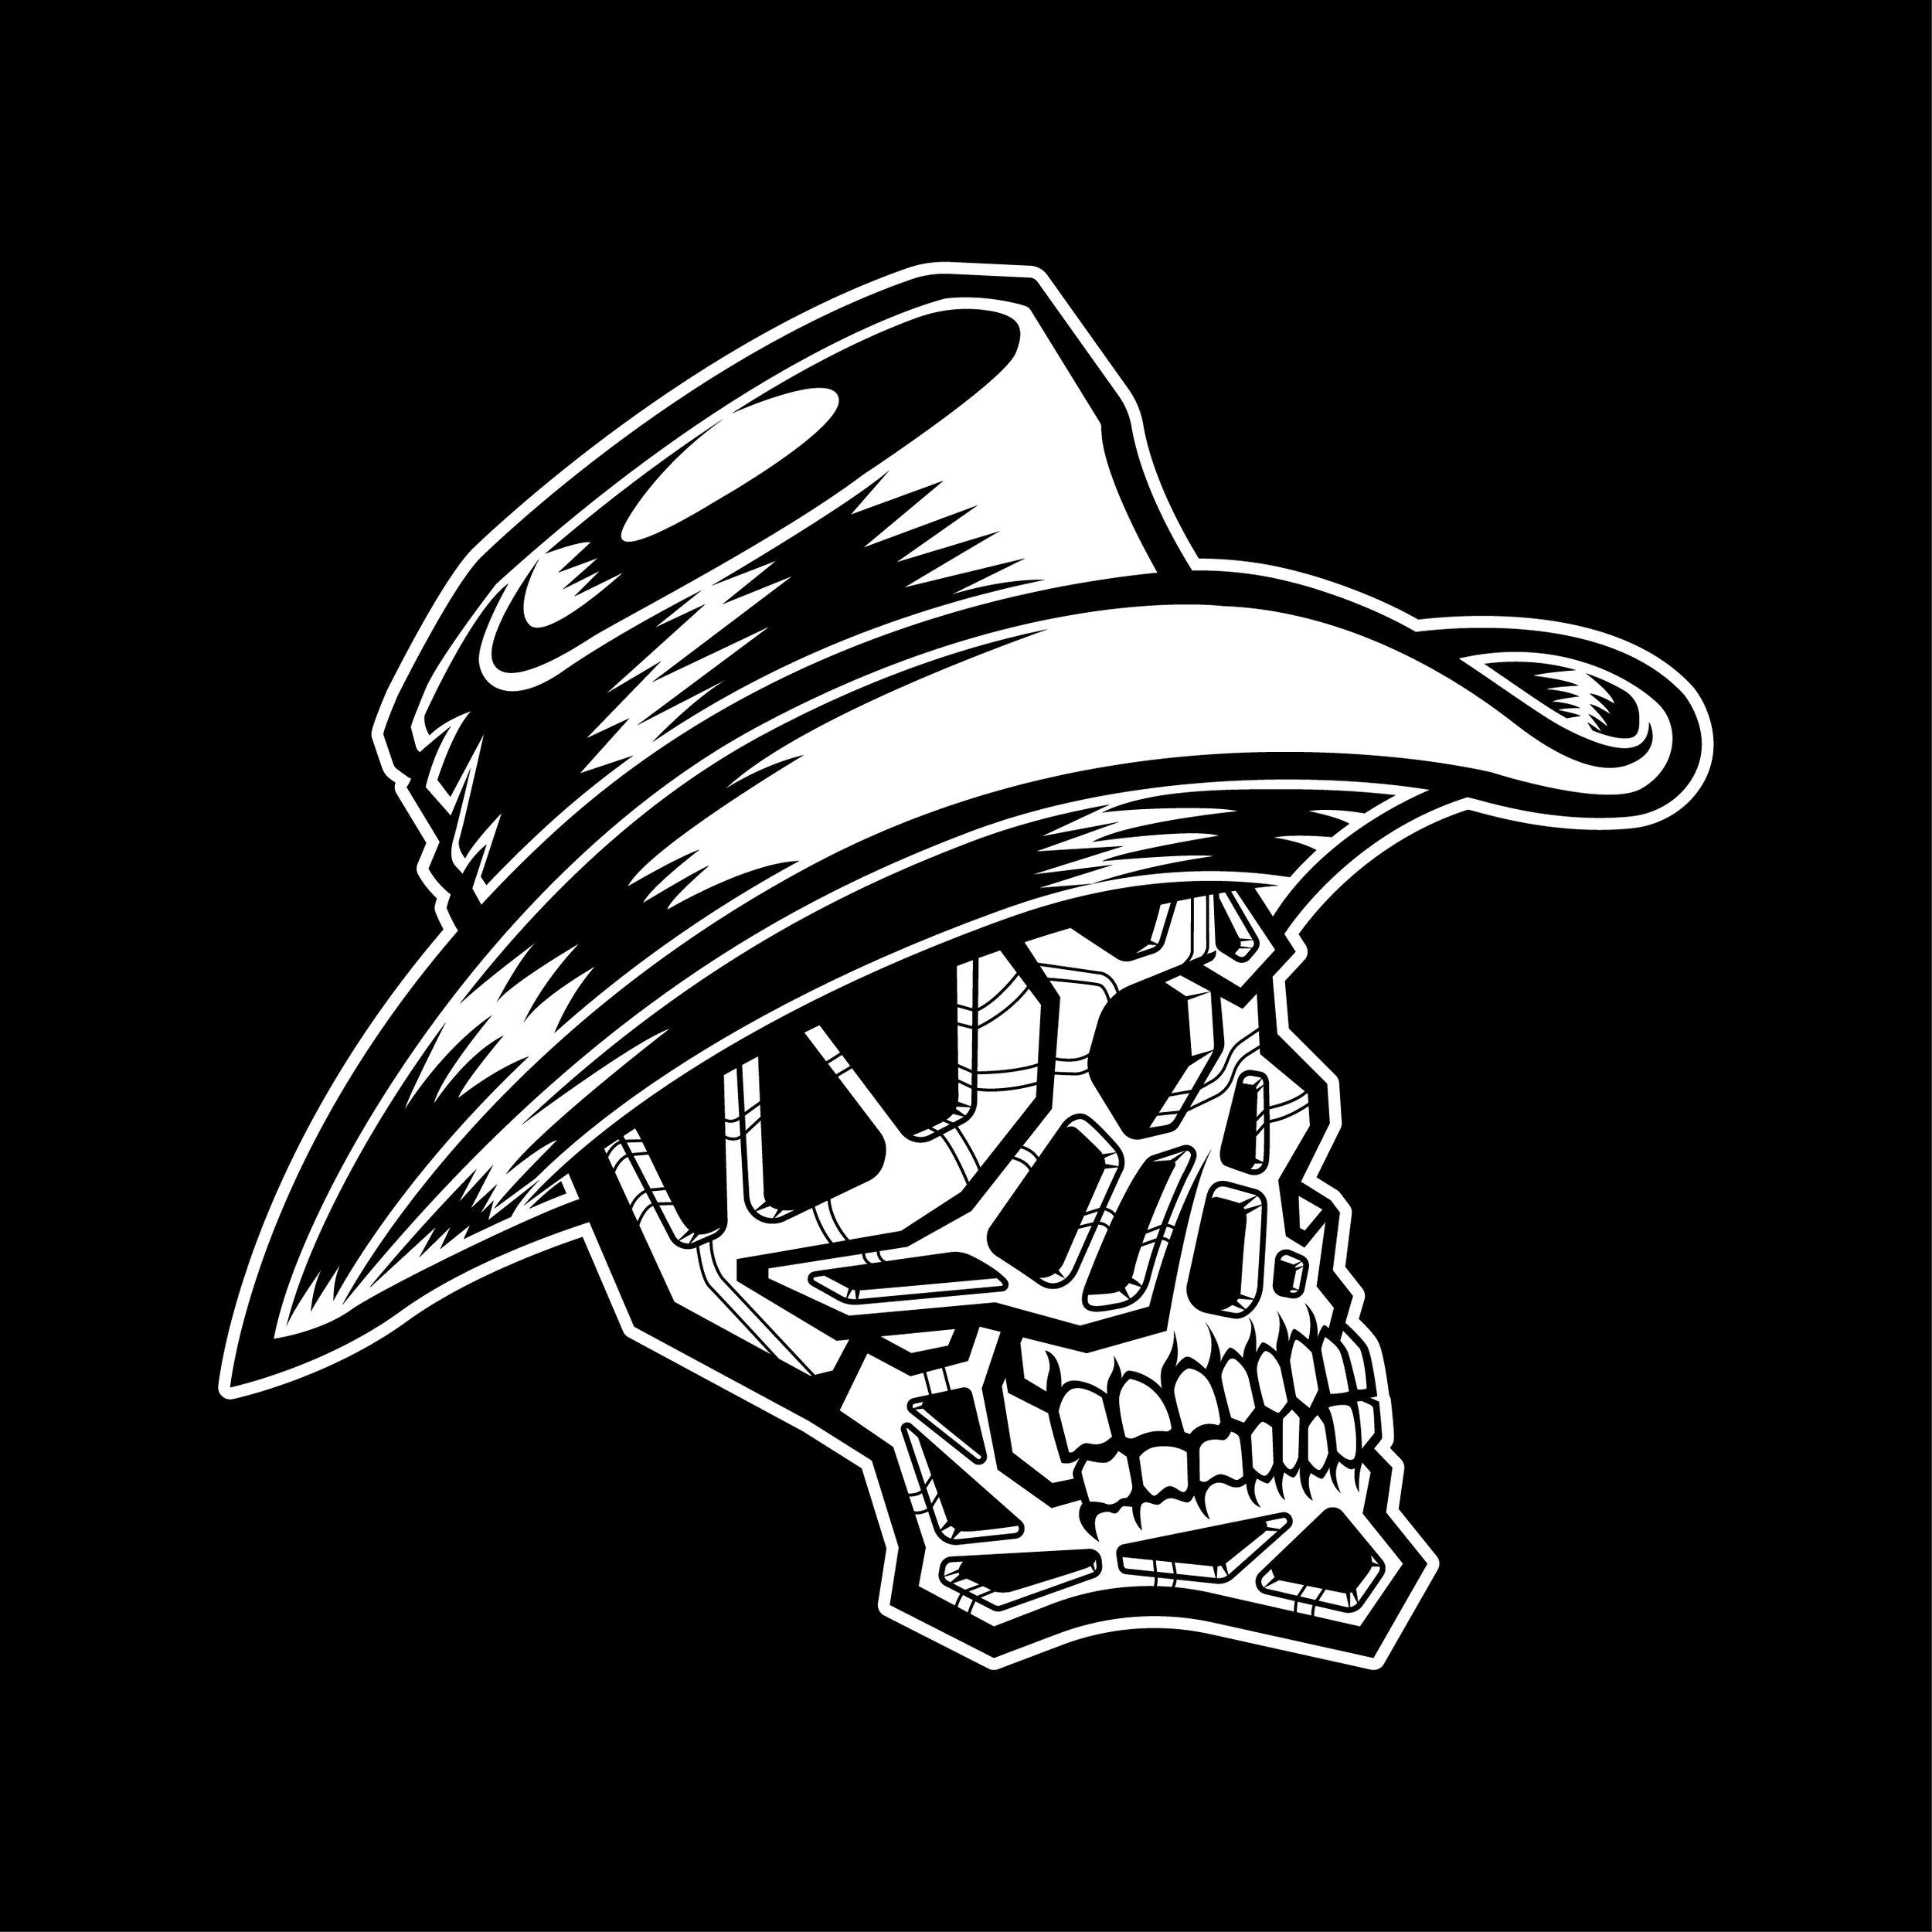 orozcodesign-defconpropaganda-westworld-skull-patch-white.jpg